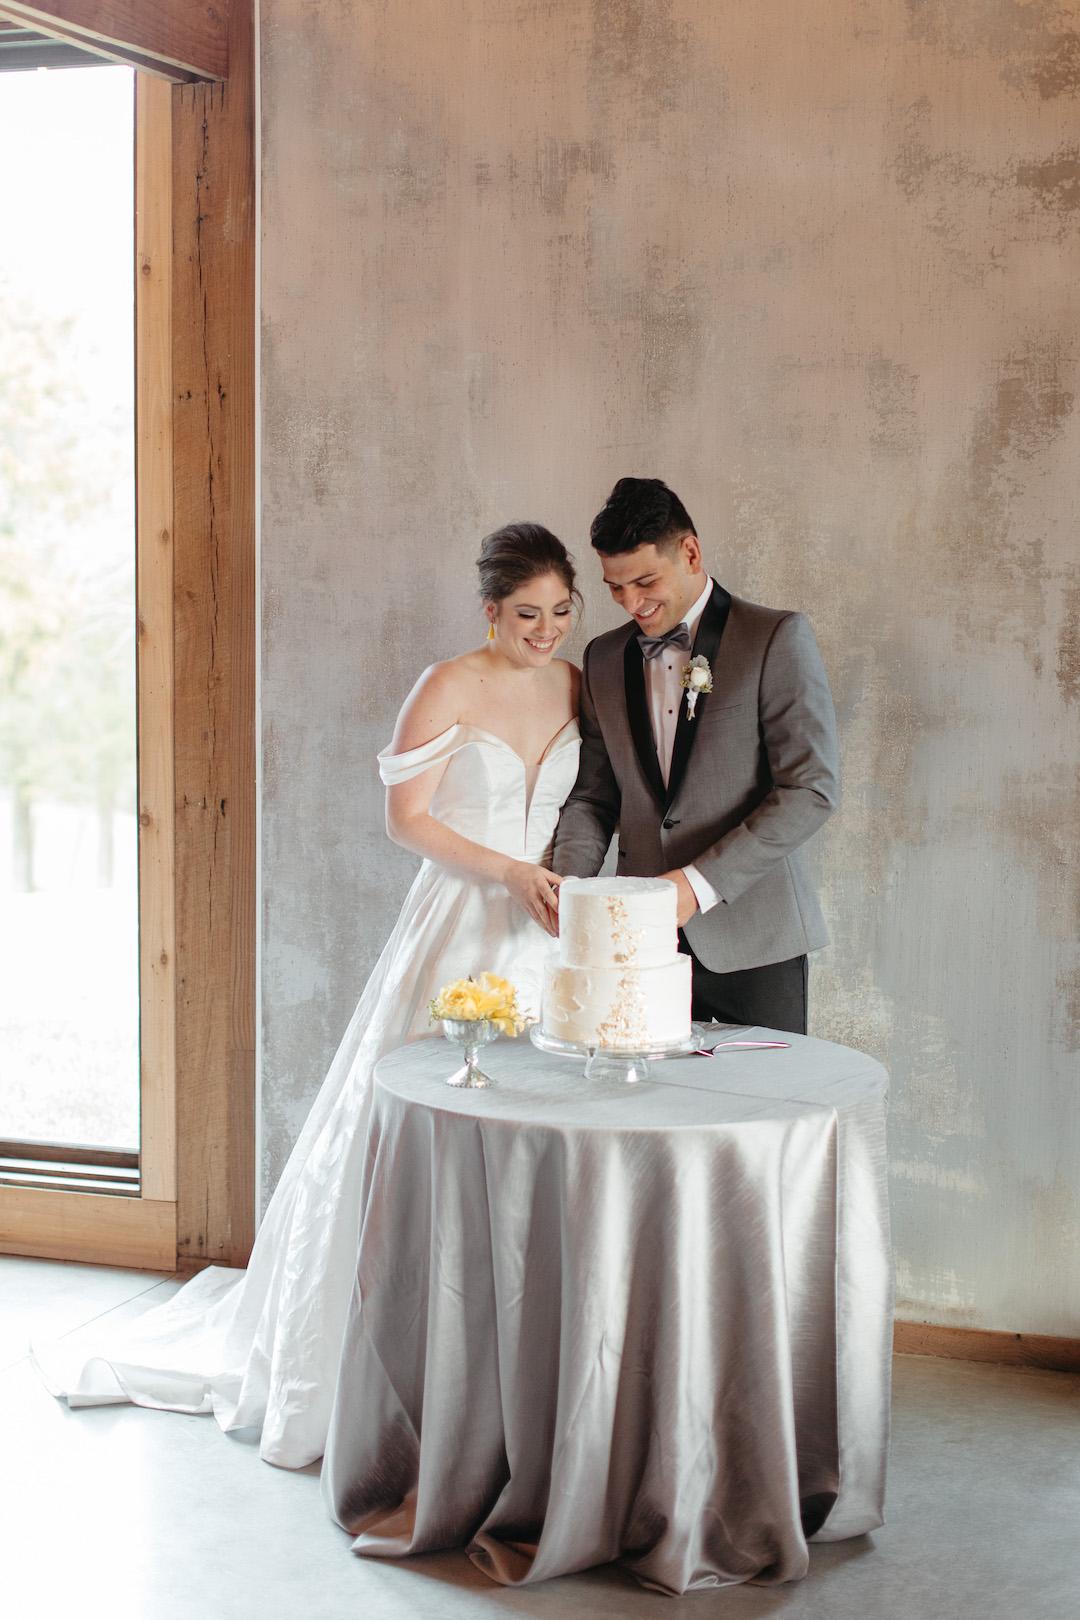 Nashville wedding inspiration | Nashville Bride Guide